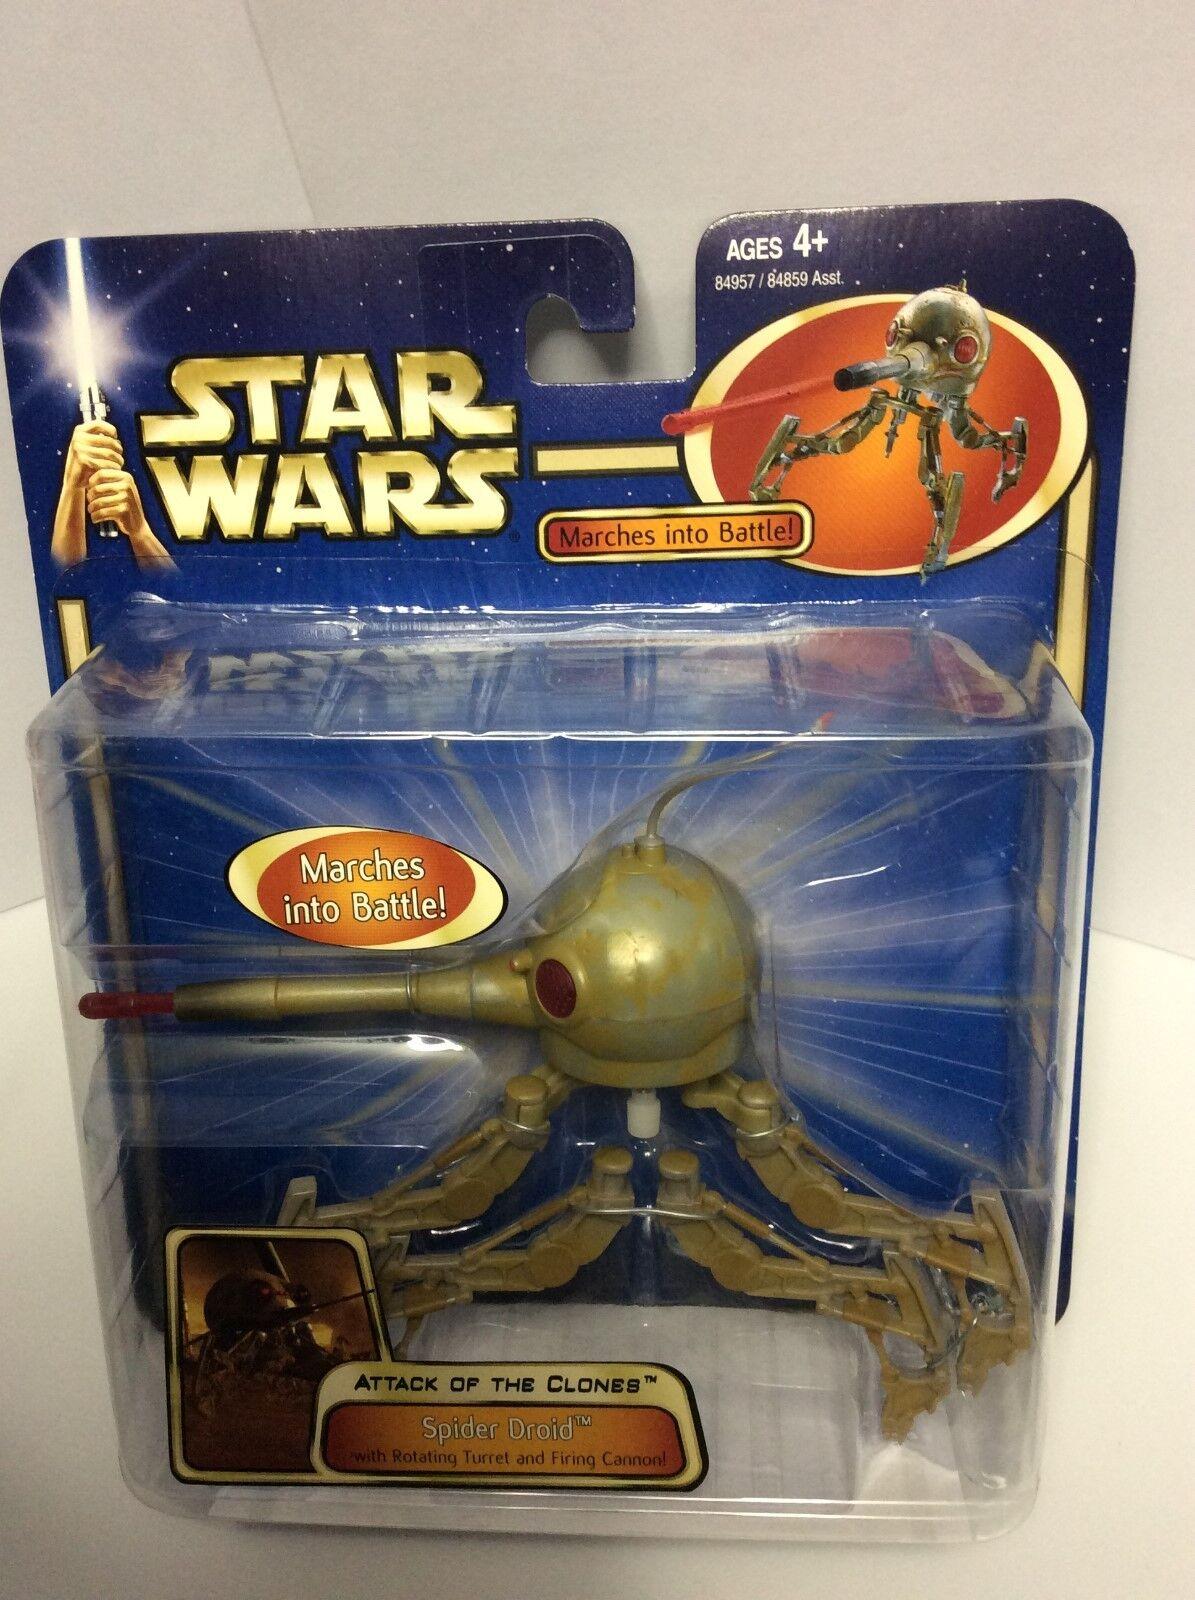 2003 estrella guerras AOTC Spider Droid by Hasbro